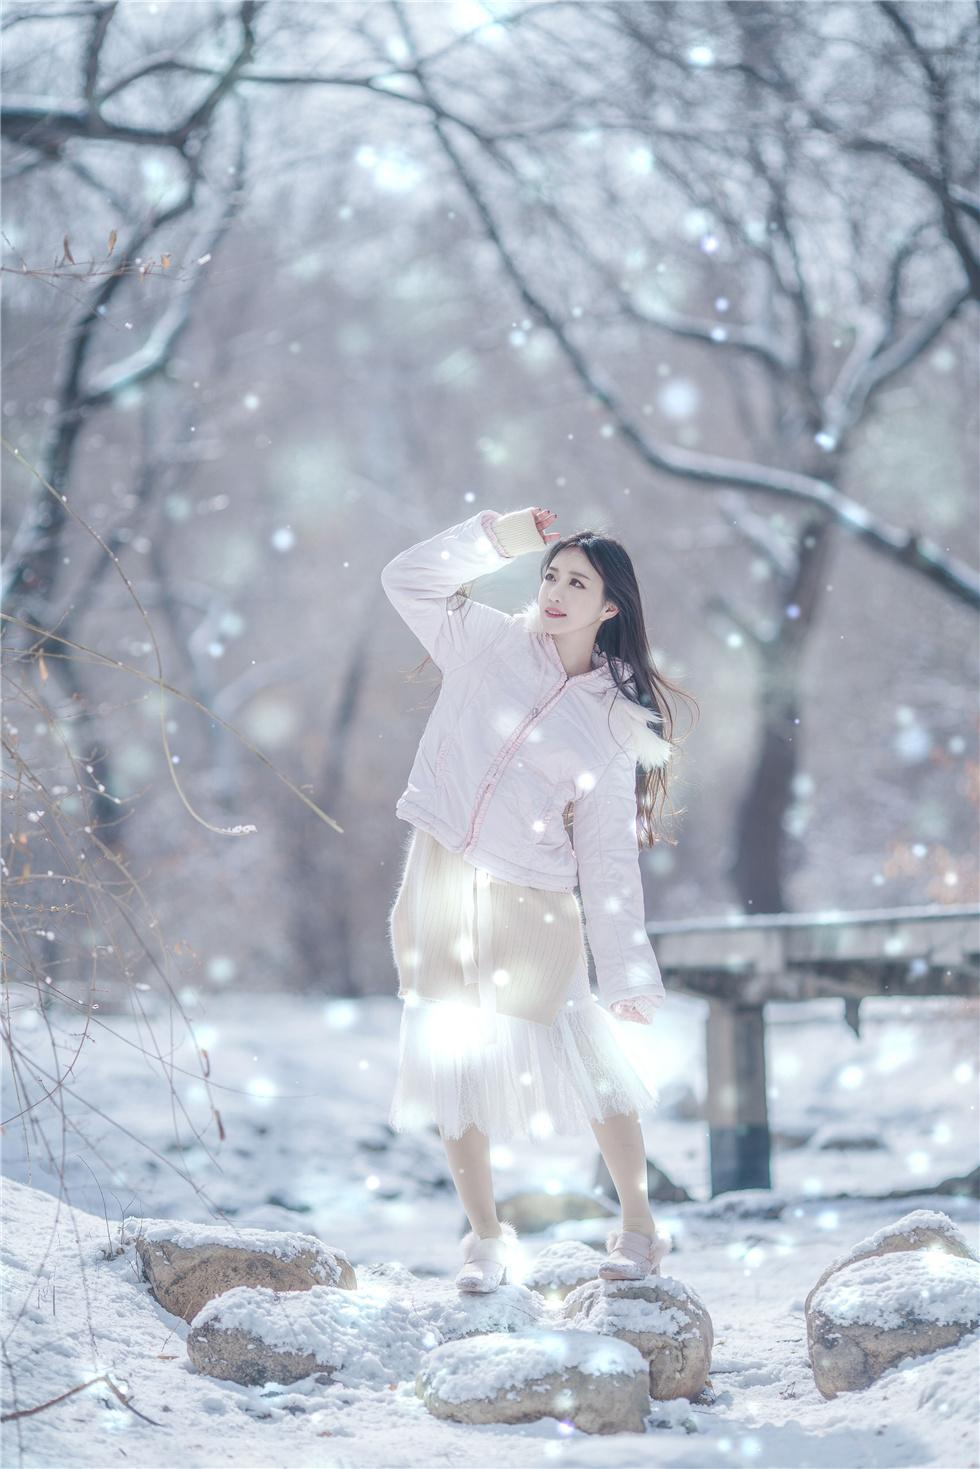 冬日里令你动容的精灵少女,第3张